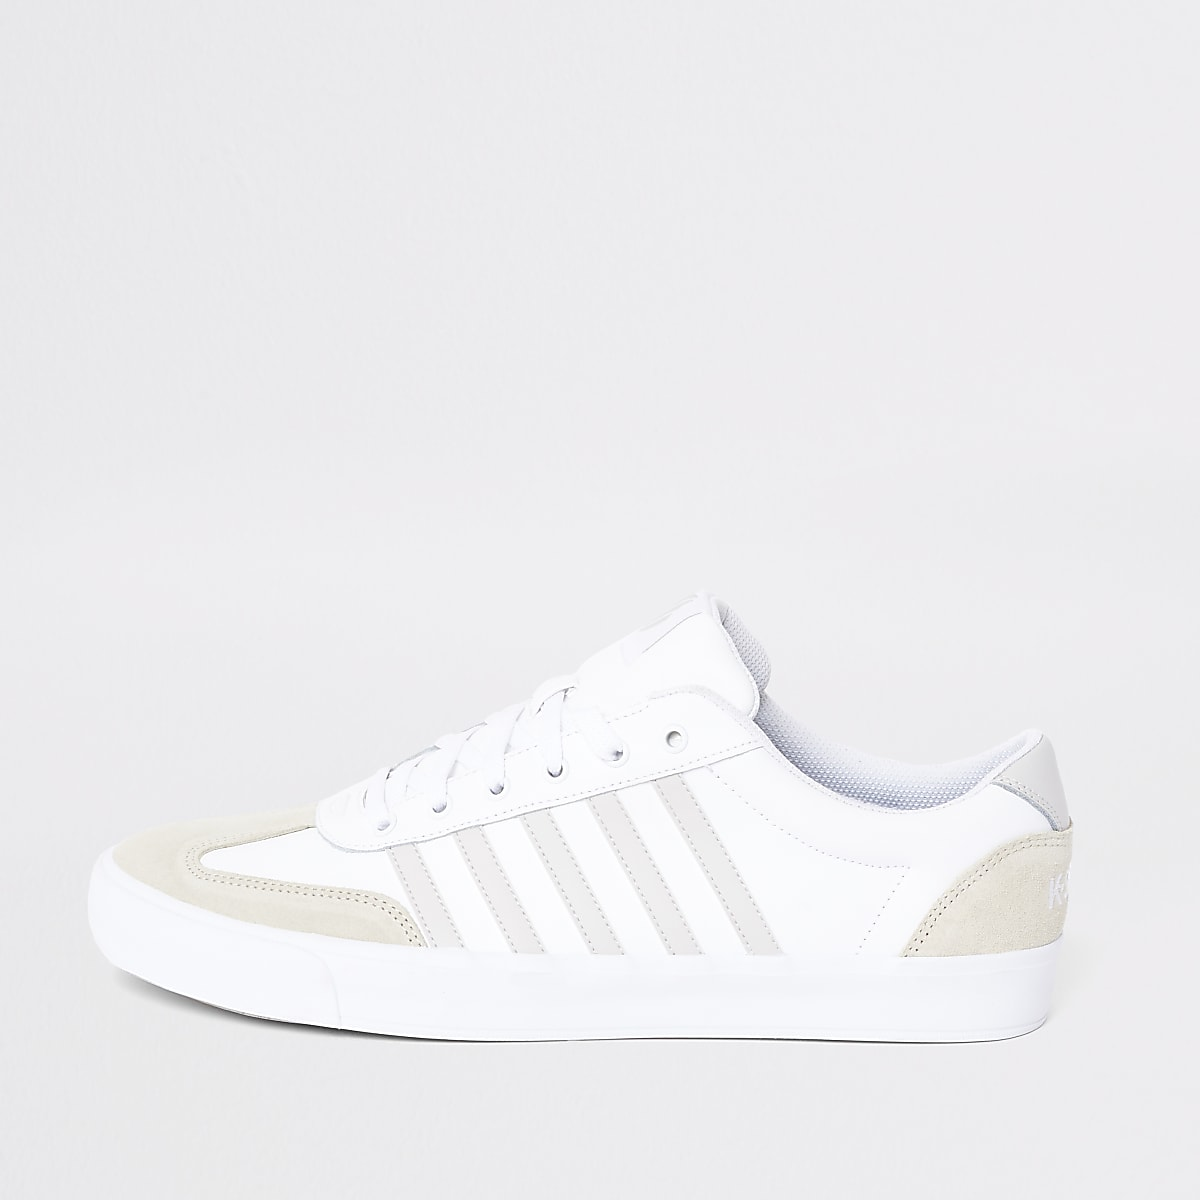 K-Swiss – Addison – Weiße Sneaker aus Leder